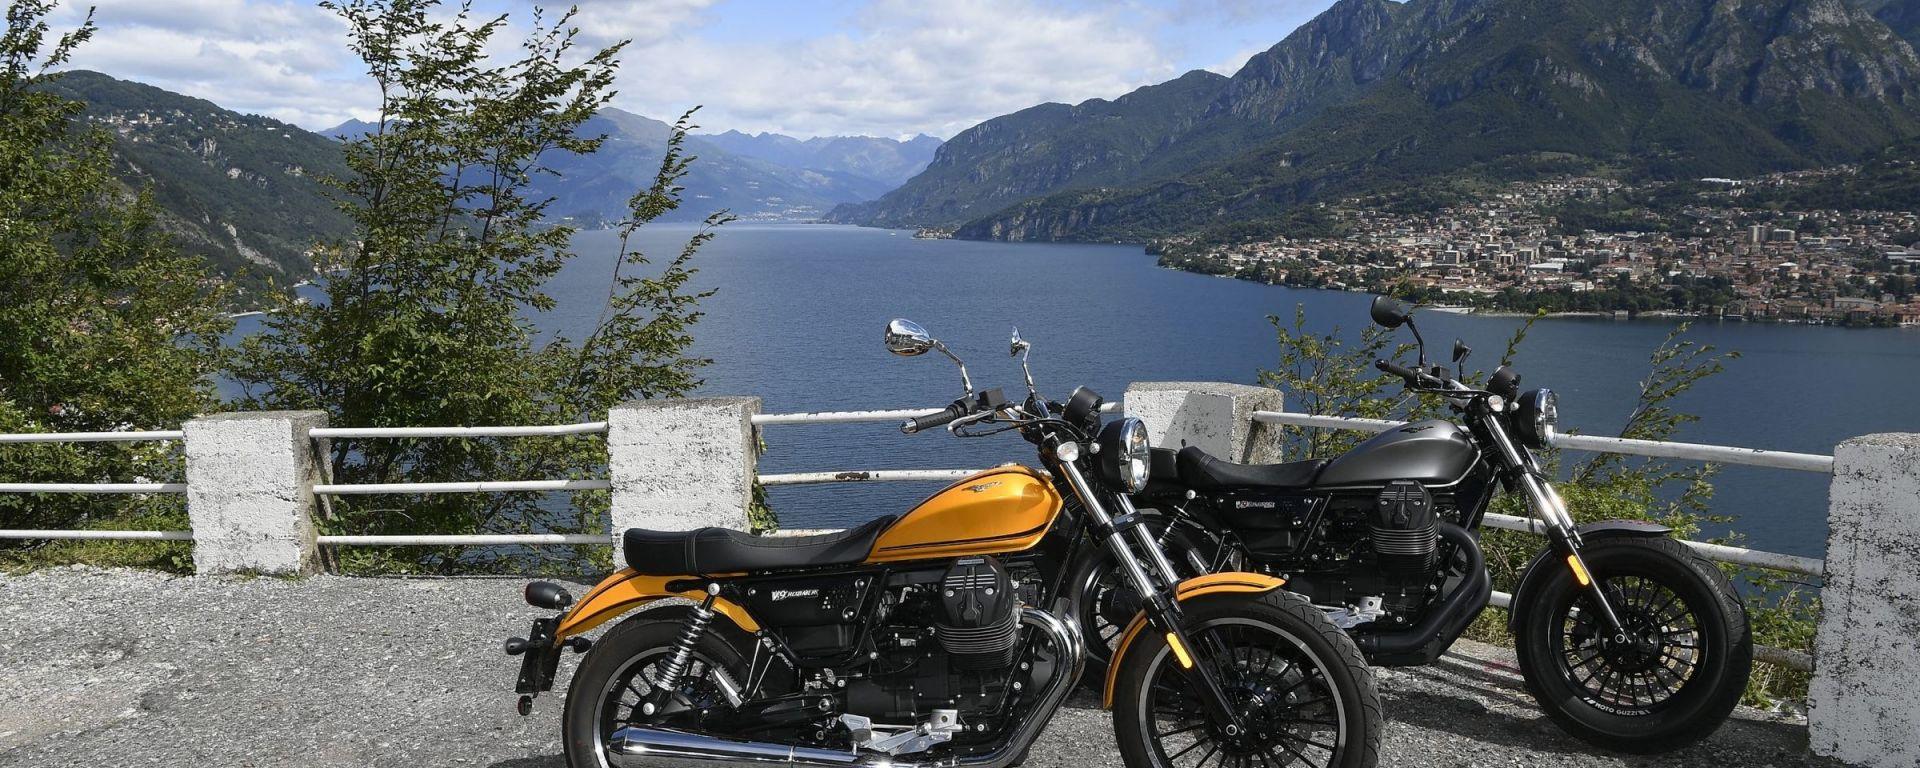 Moto Guzzi V9 Bobber e Roamer 2017